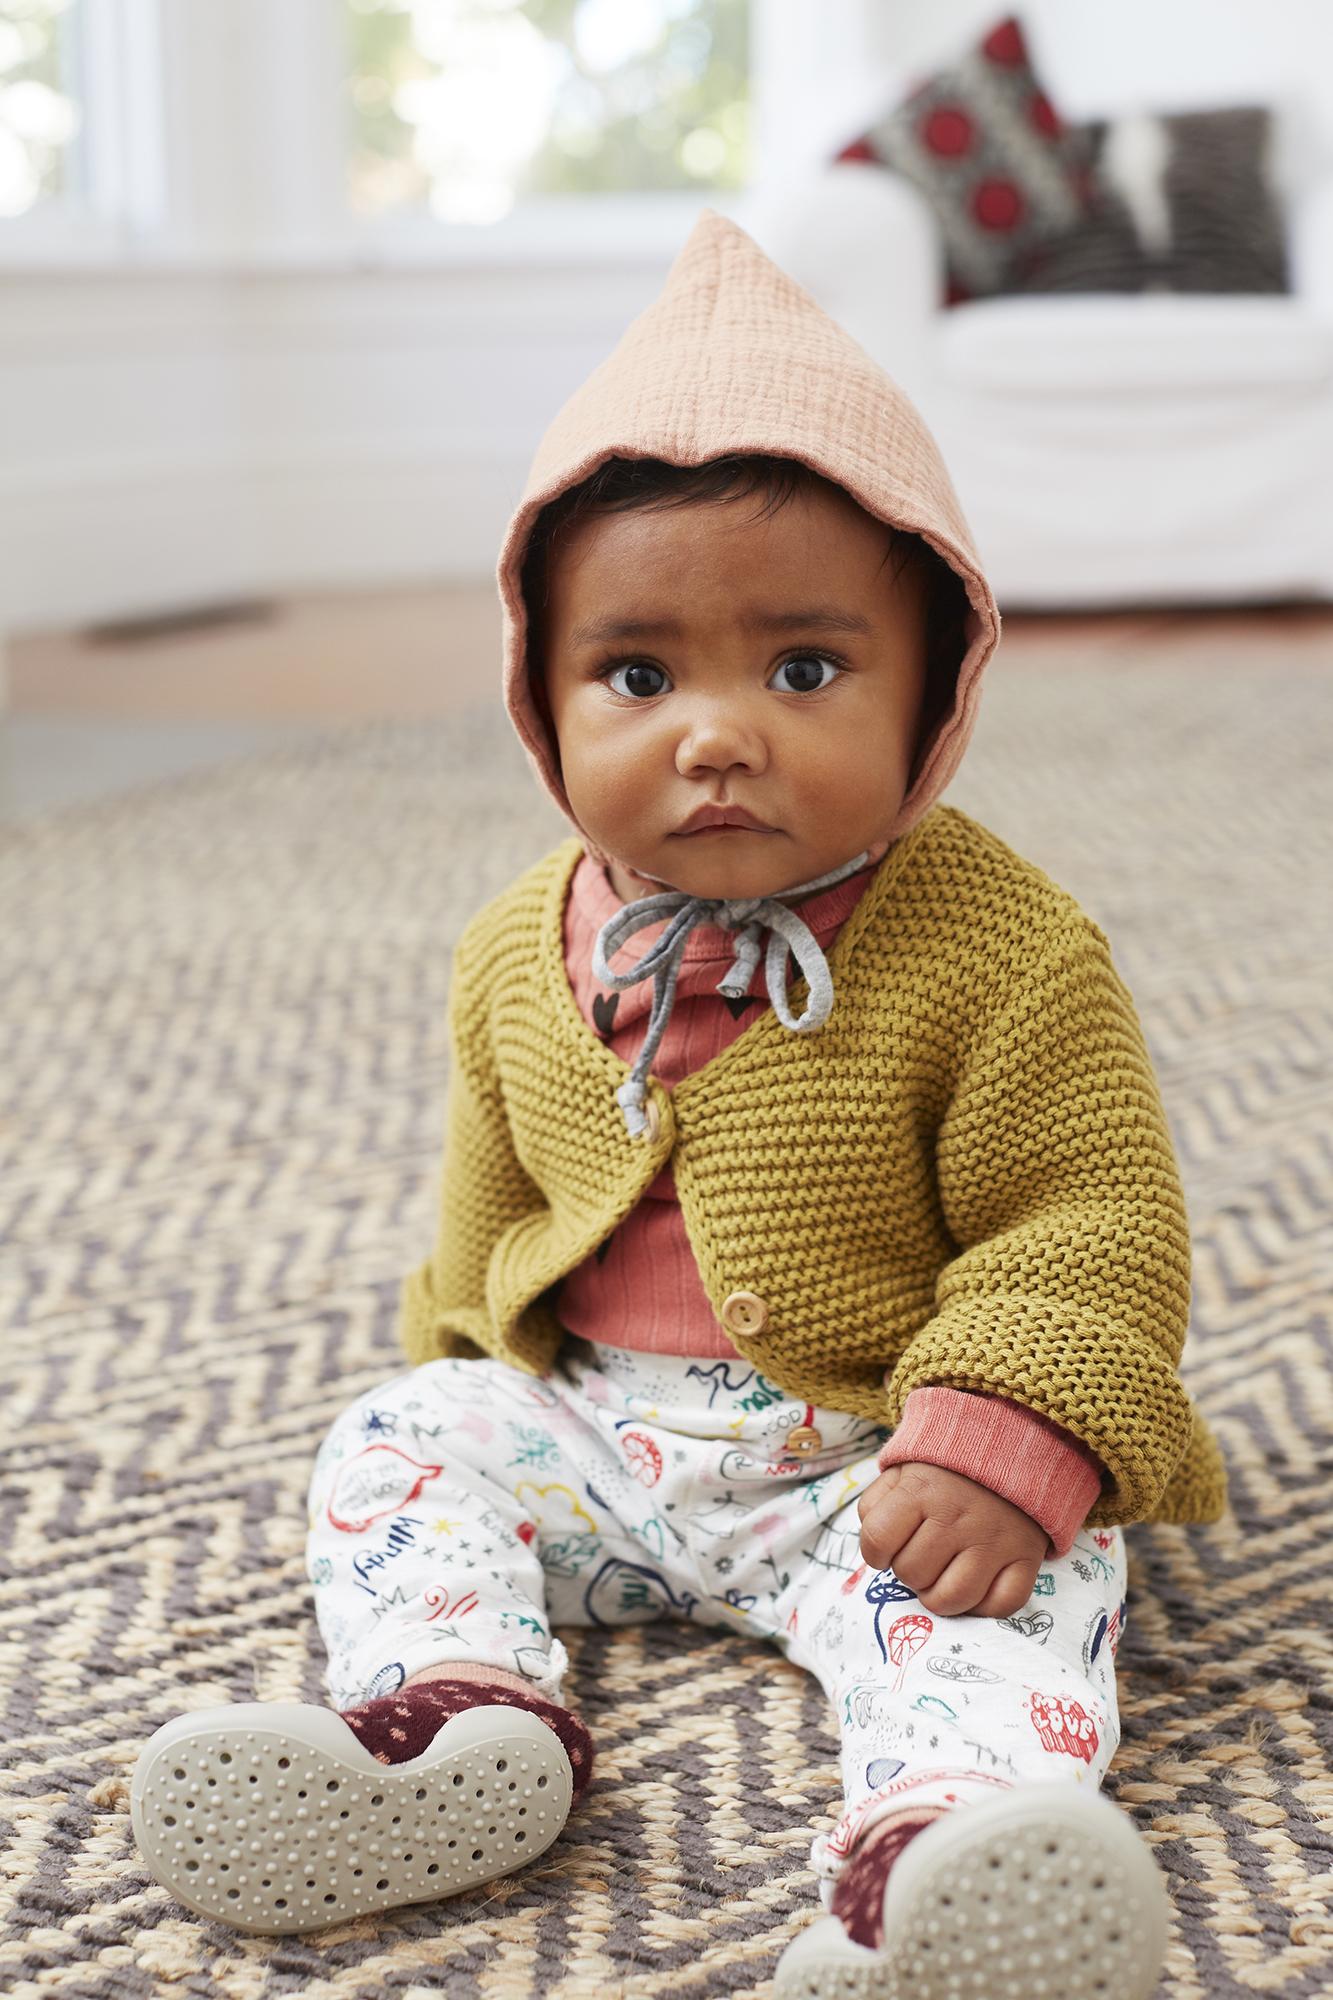 Baby-ParentsMag image.jpg